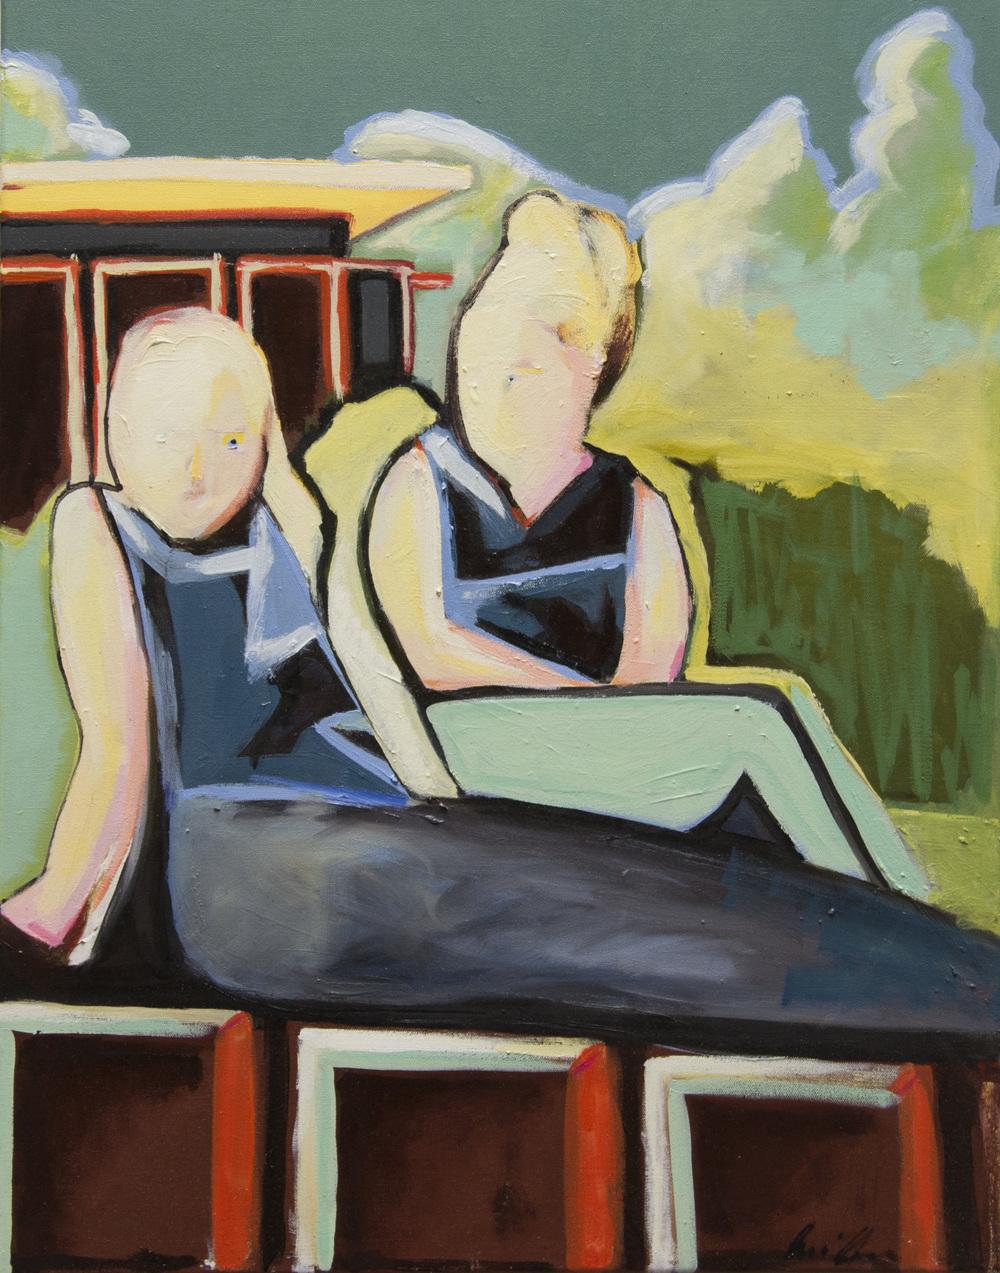 Two Girls III - DK (2015)